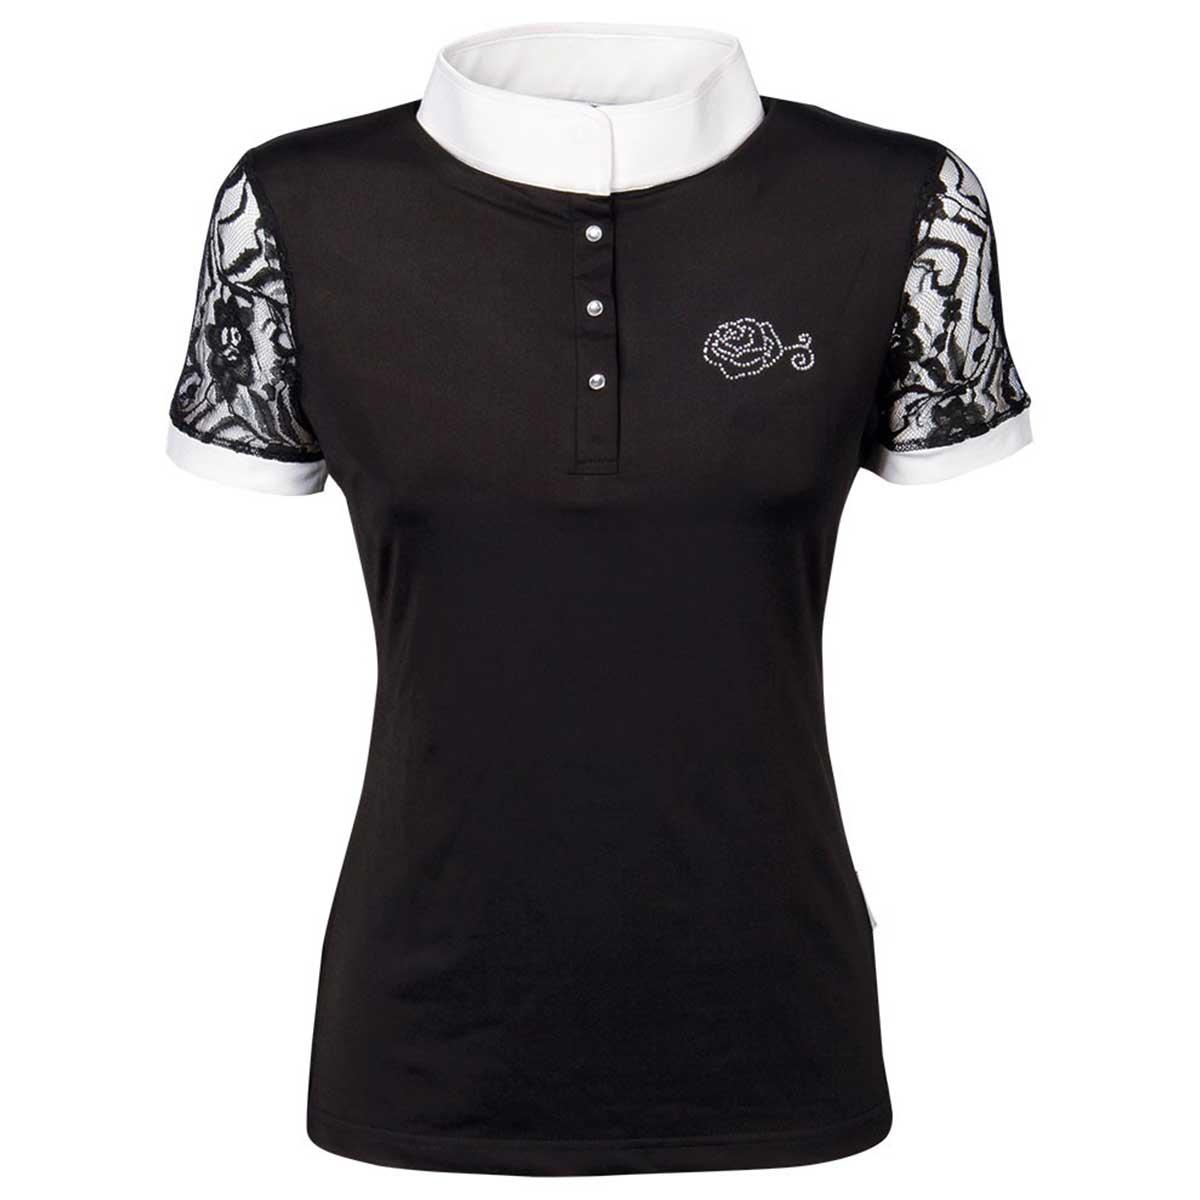 Harrys Horse Lace wedstrijdshirt zwart maat:m